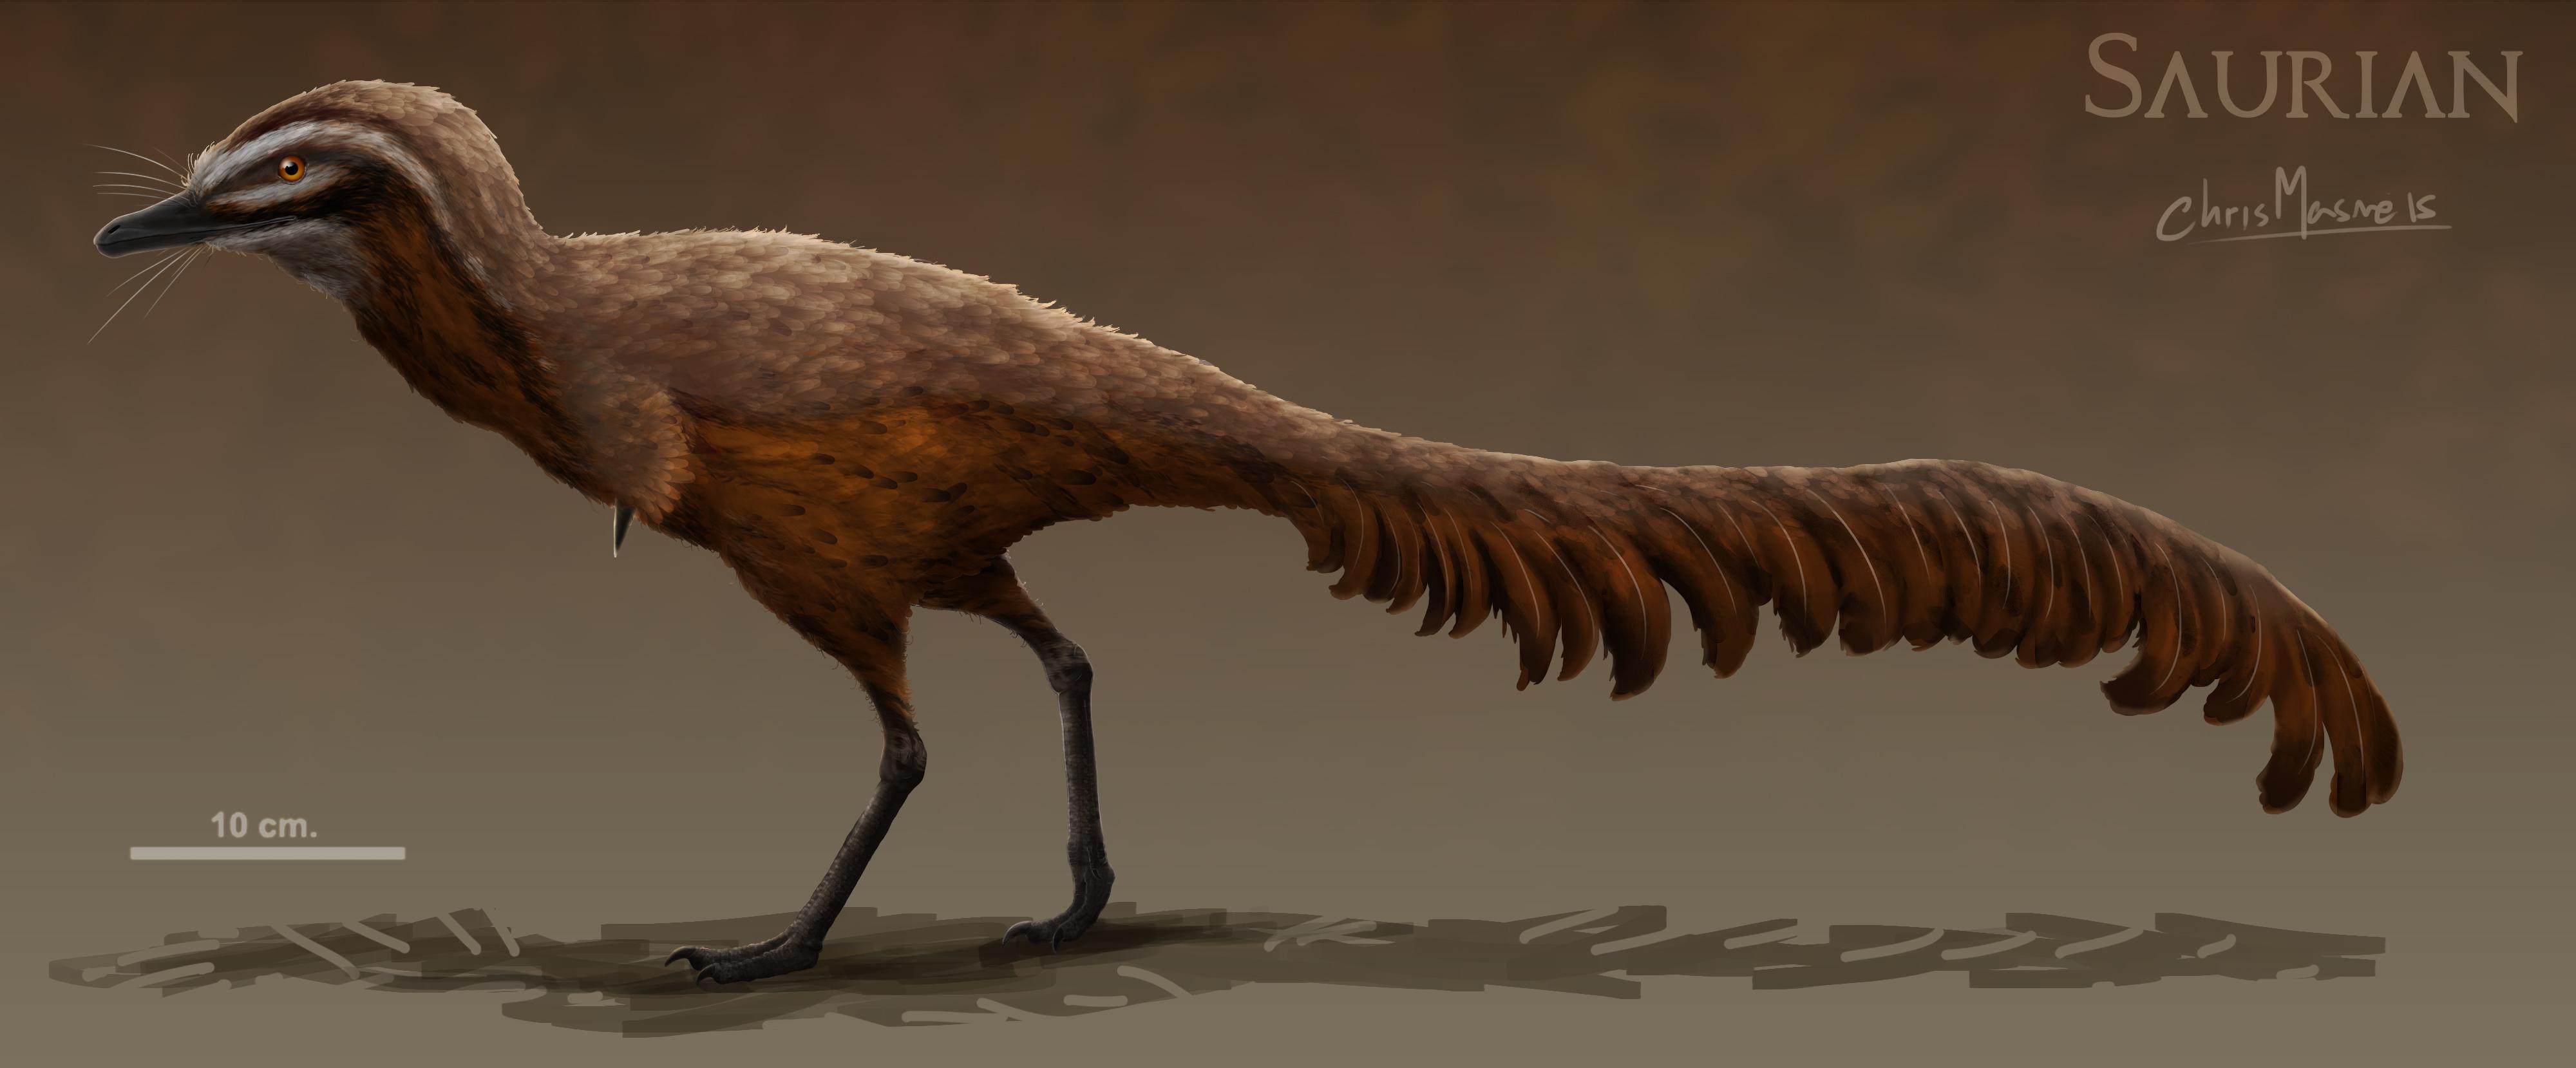 Pachycephalosaurus Saurian